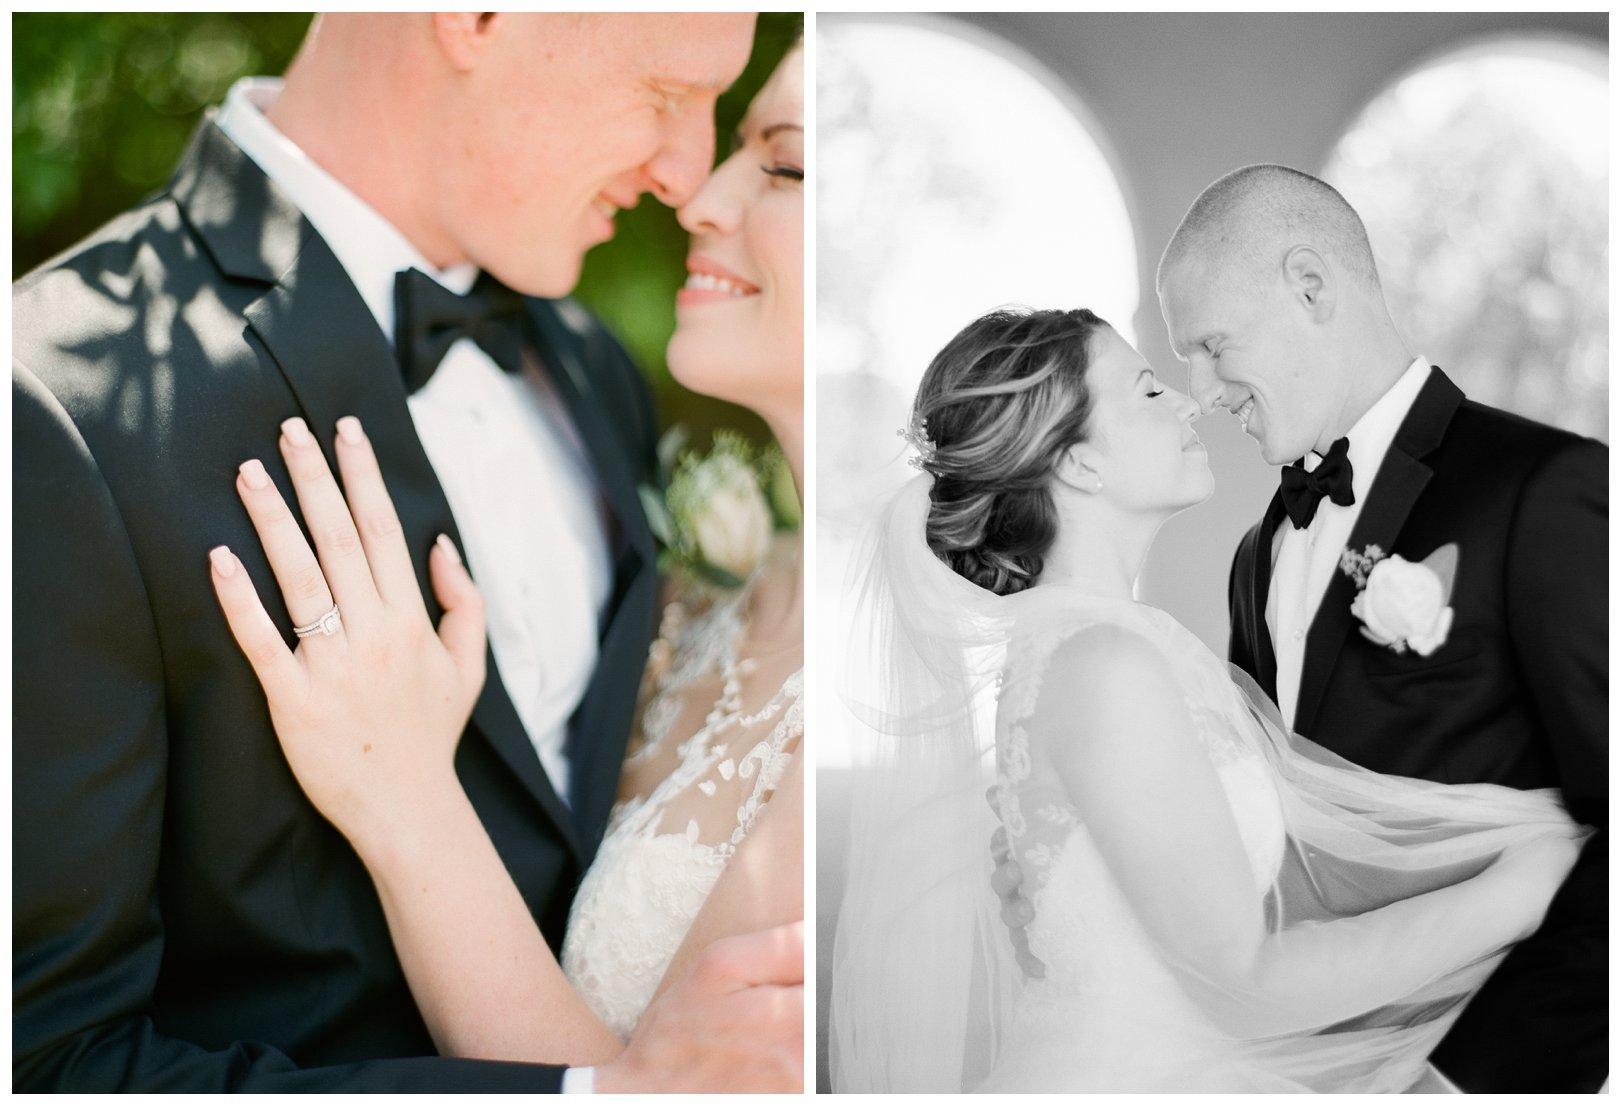 lauren muckler photography_fine art film wedding photography_st louis_photography_1316.jpg